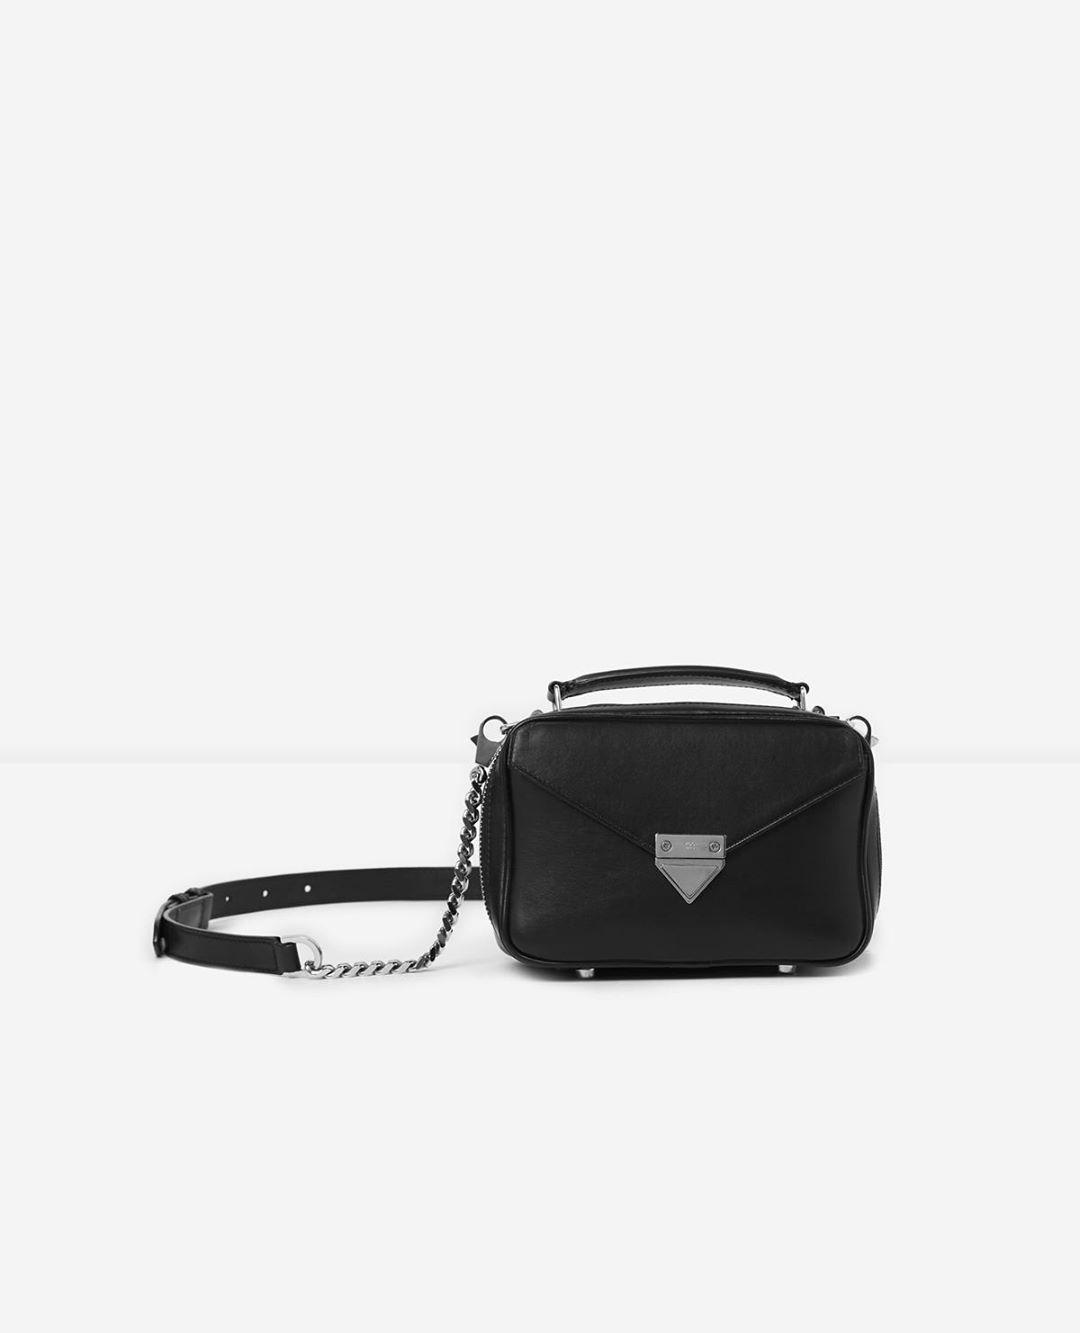 Mini black Barbara bag in smooth leather